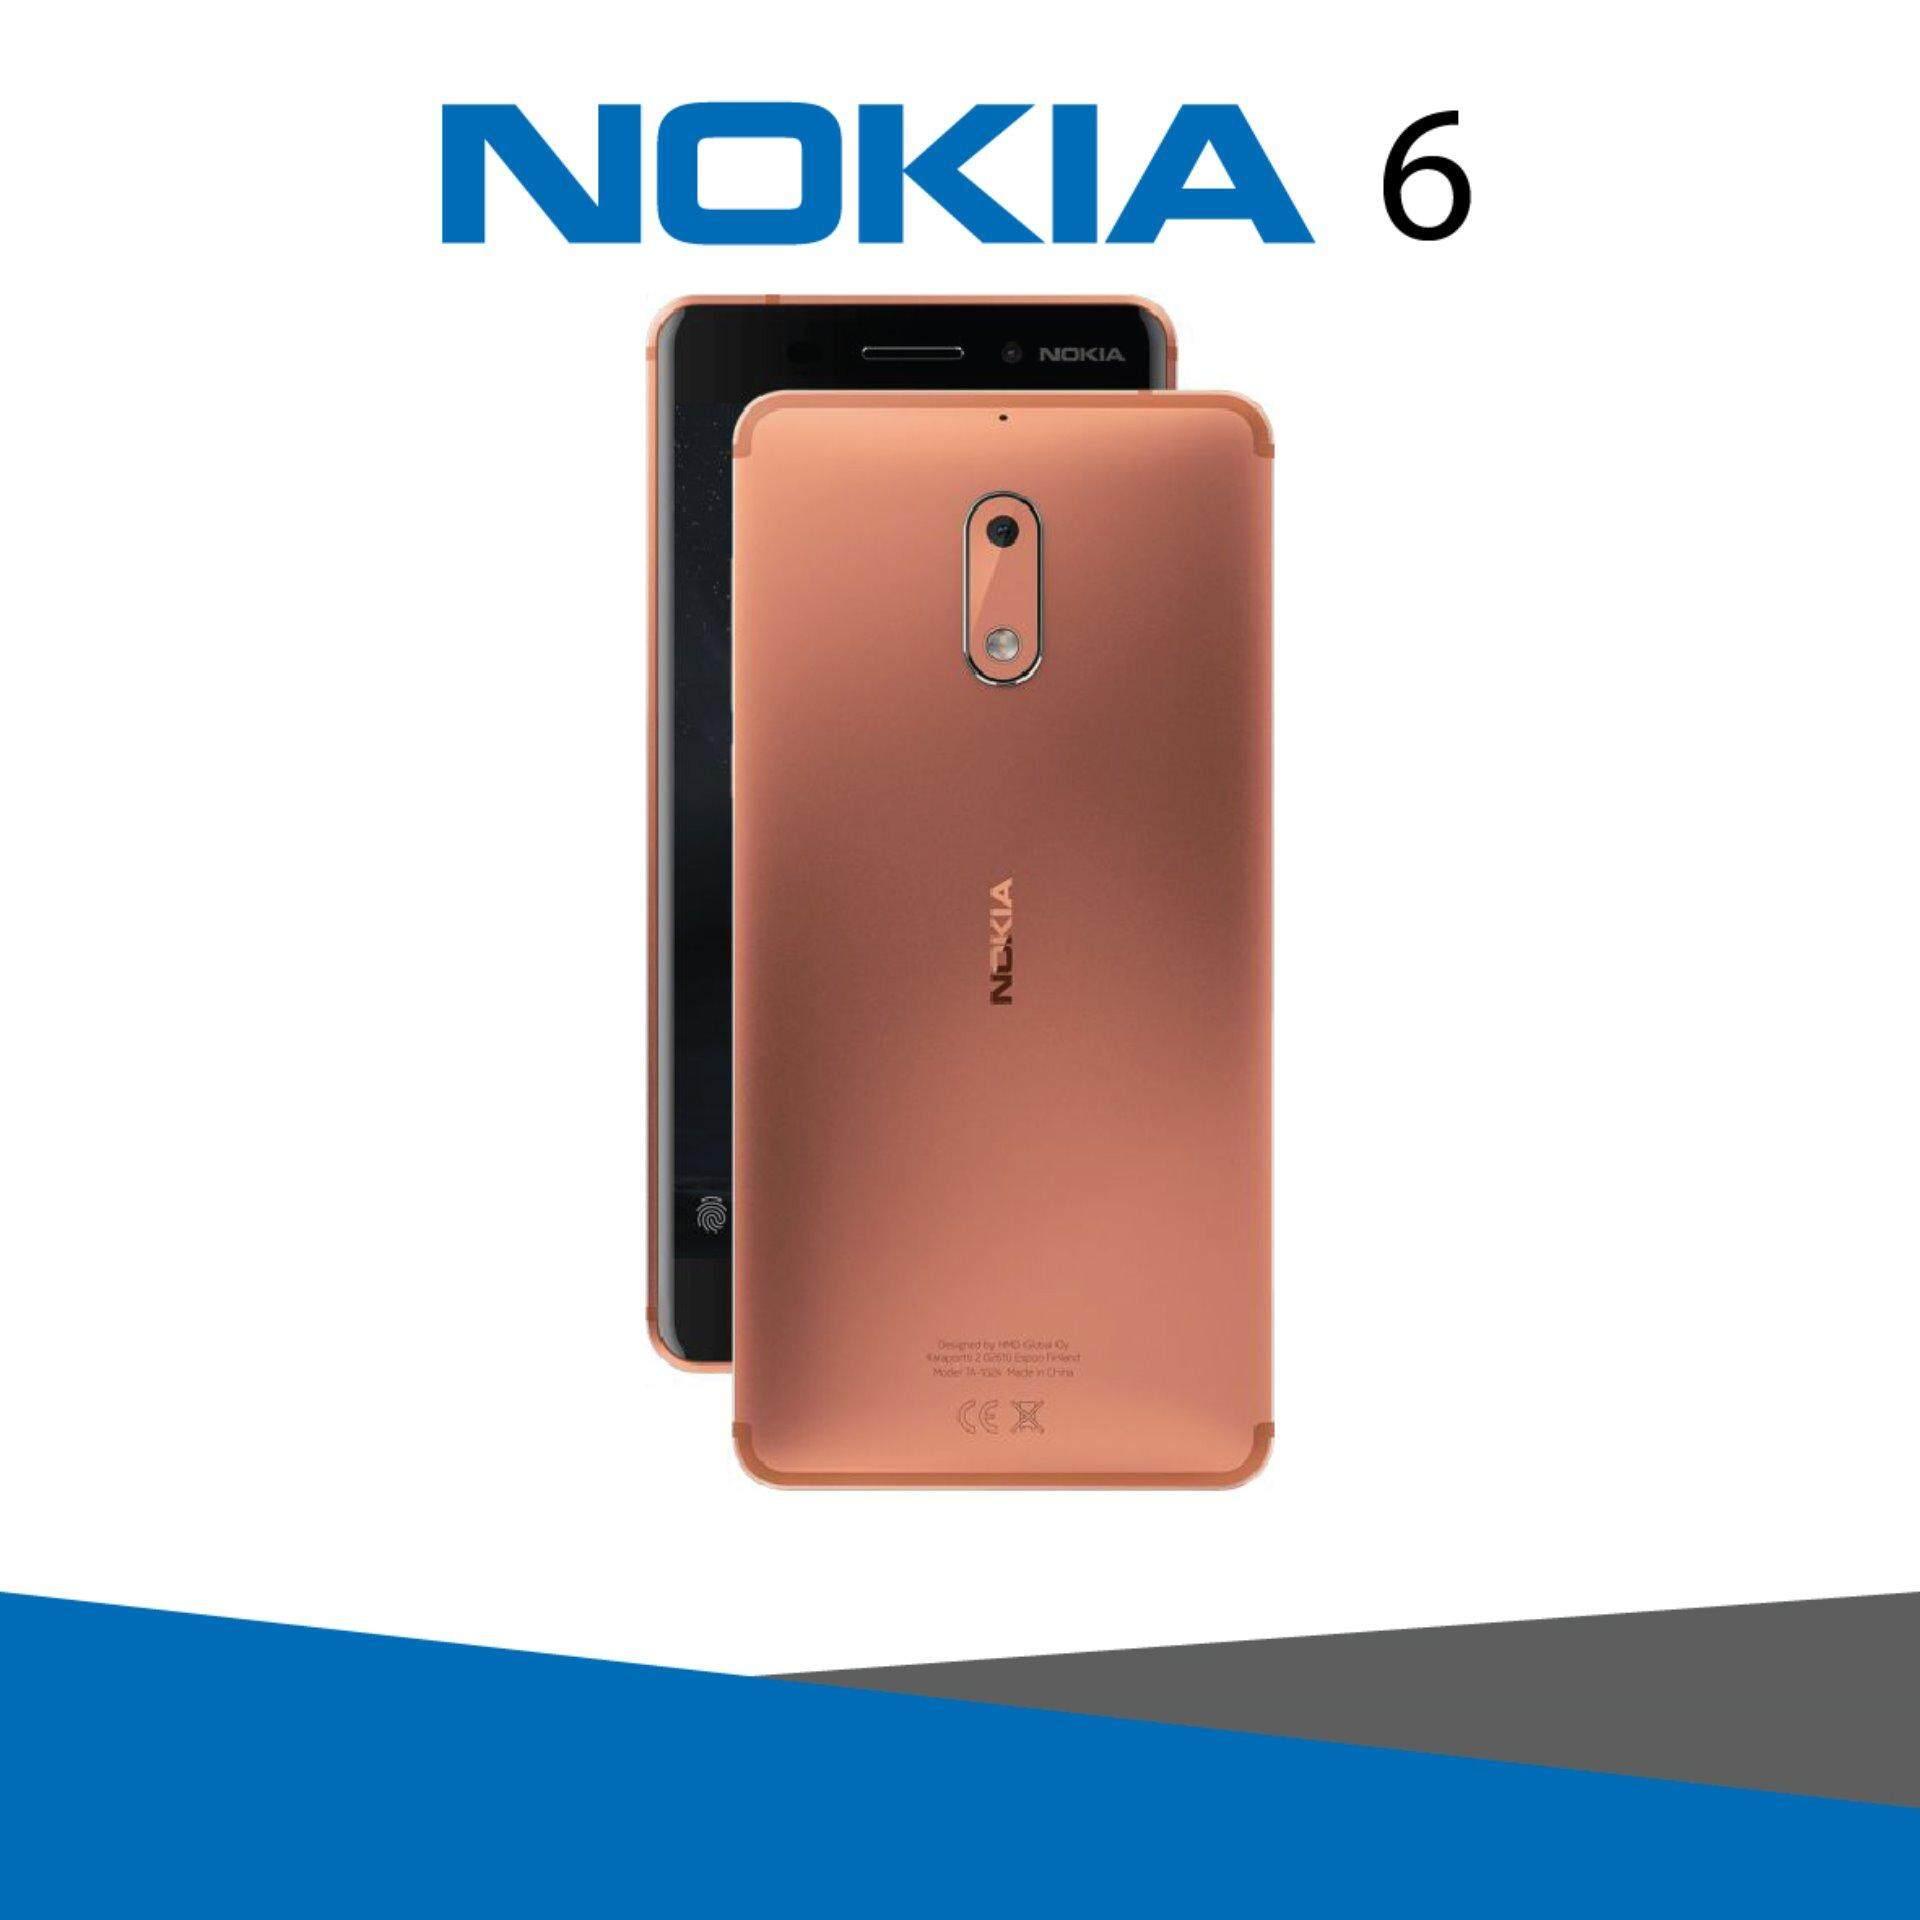 """NOKIA 6 เครื่องศูนย์ไทย 5.5"""" Full HD Ram 3 GB / Rom 32 GB"""